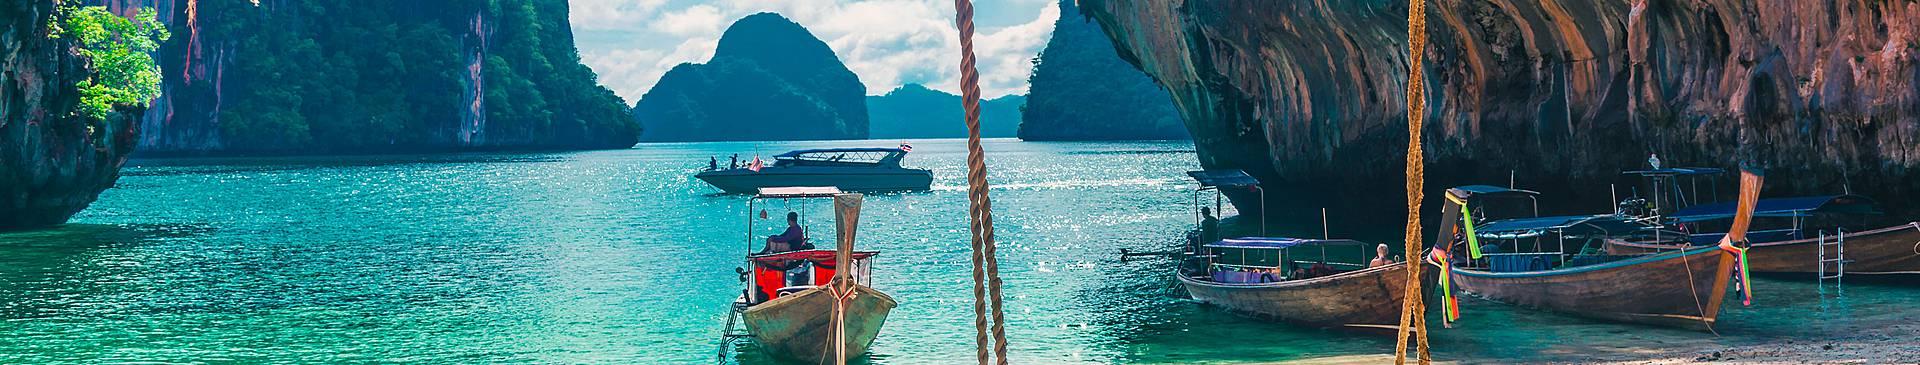 Voyage plage au Laos